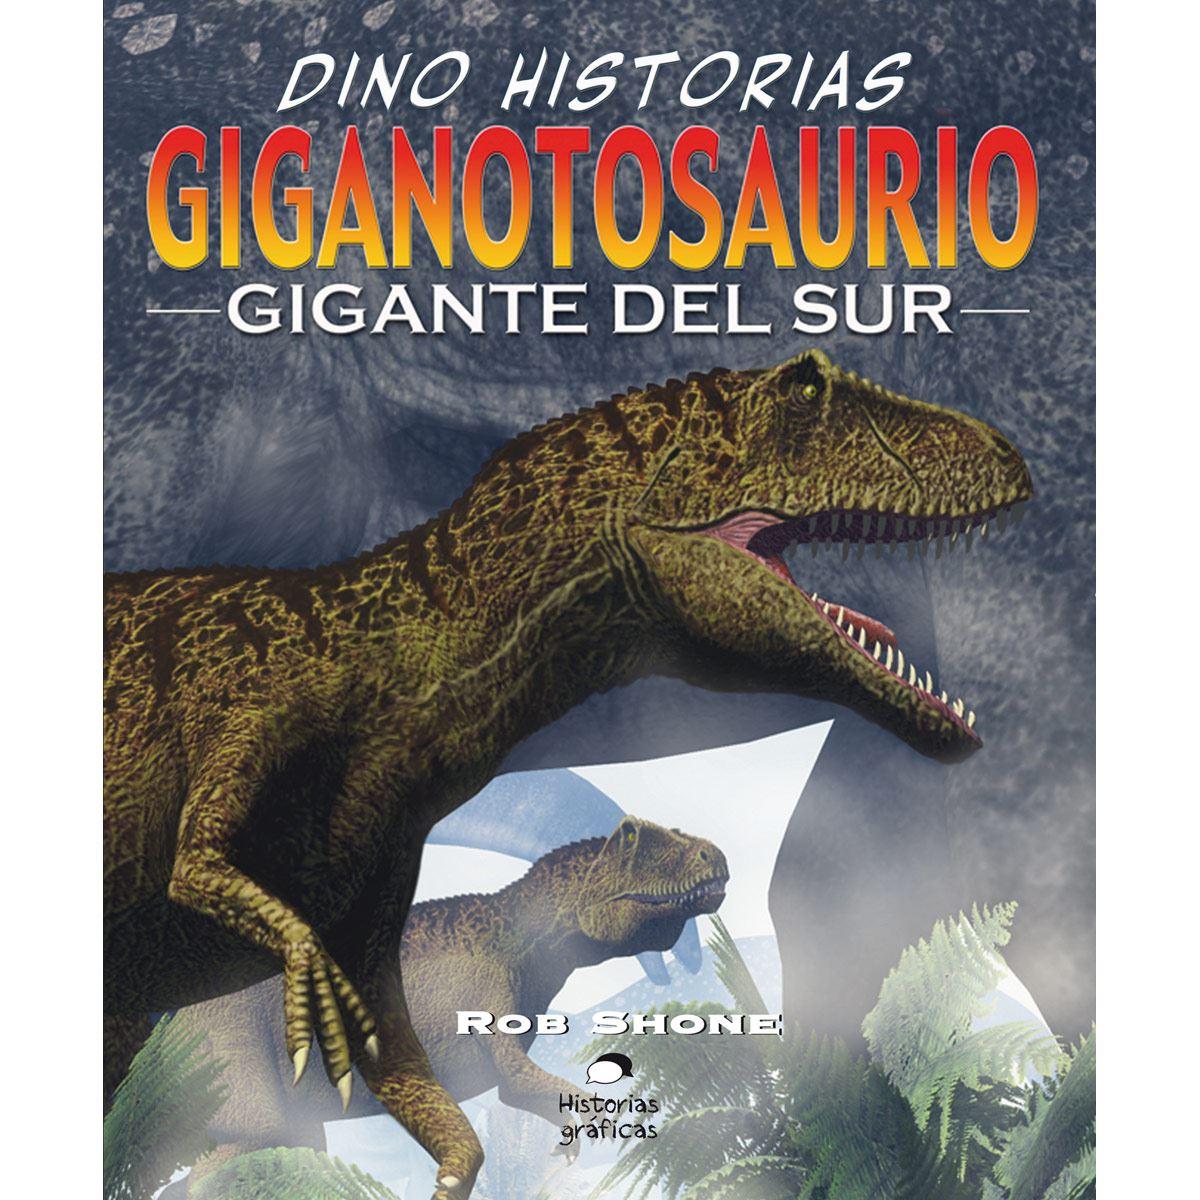 Giganotosaurio. El gigante del sur